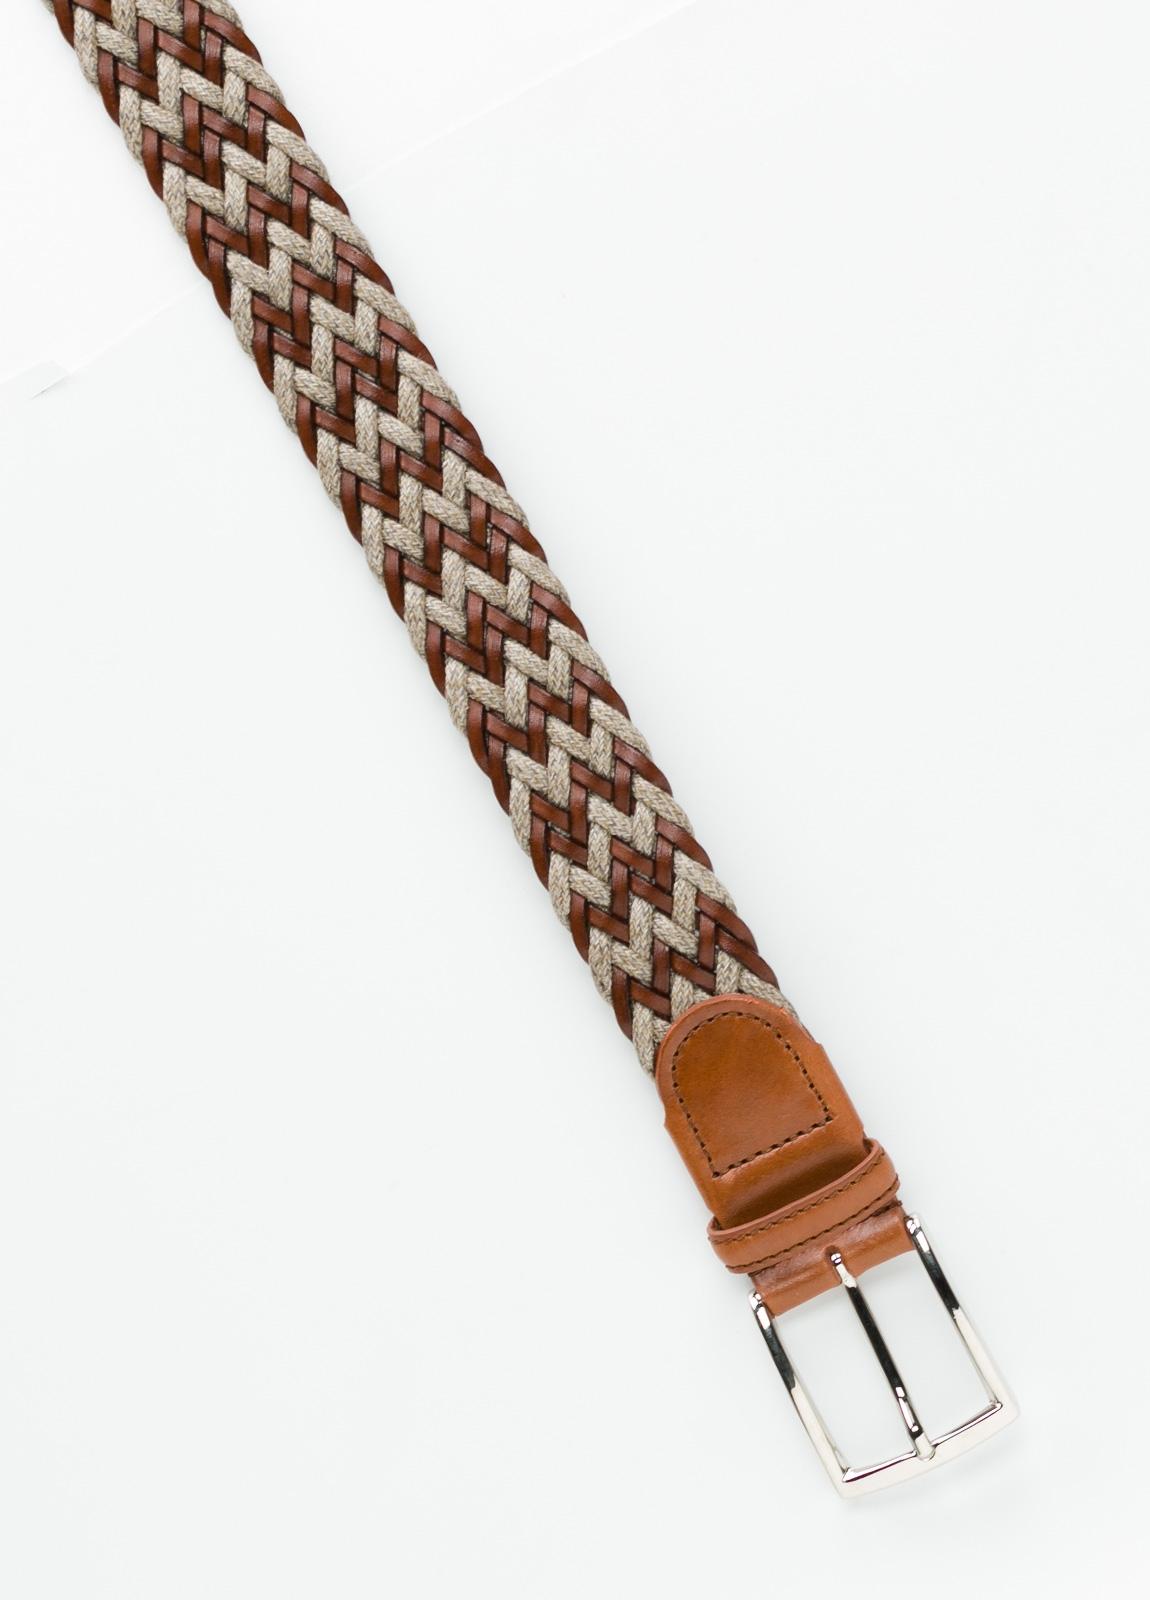 Cinturón Sport trenzado color marrón. Piel y lino. - Ítem1